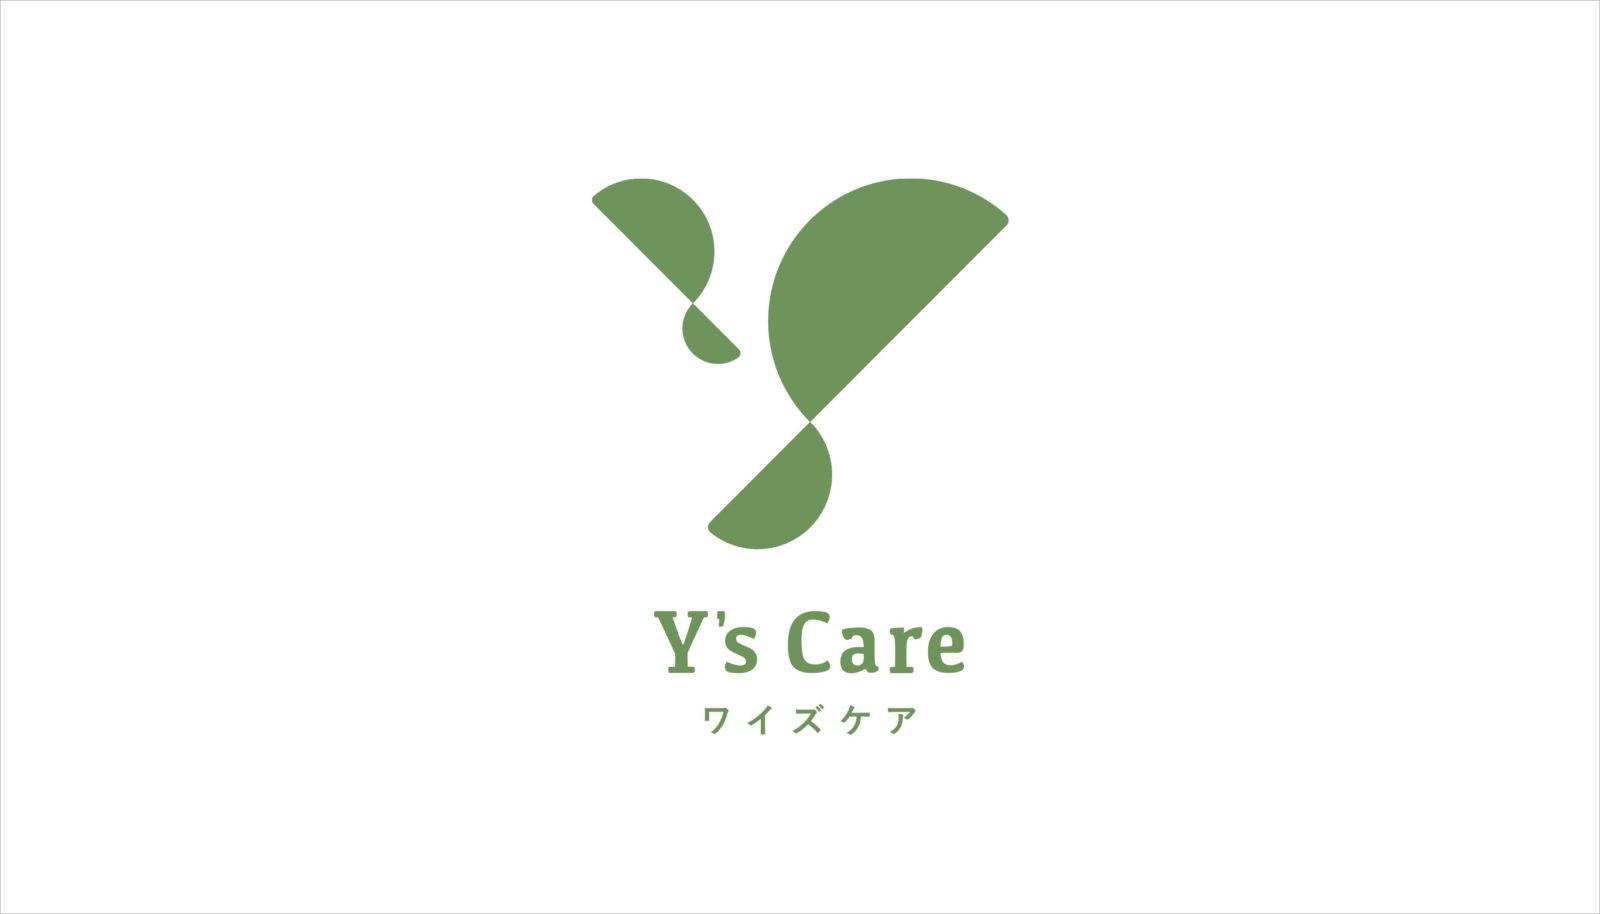 ワイズケア / VI策定・ロゴデザイン